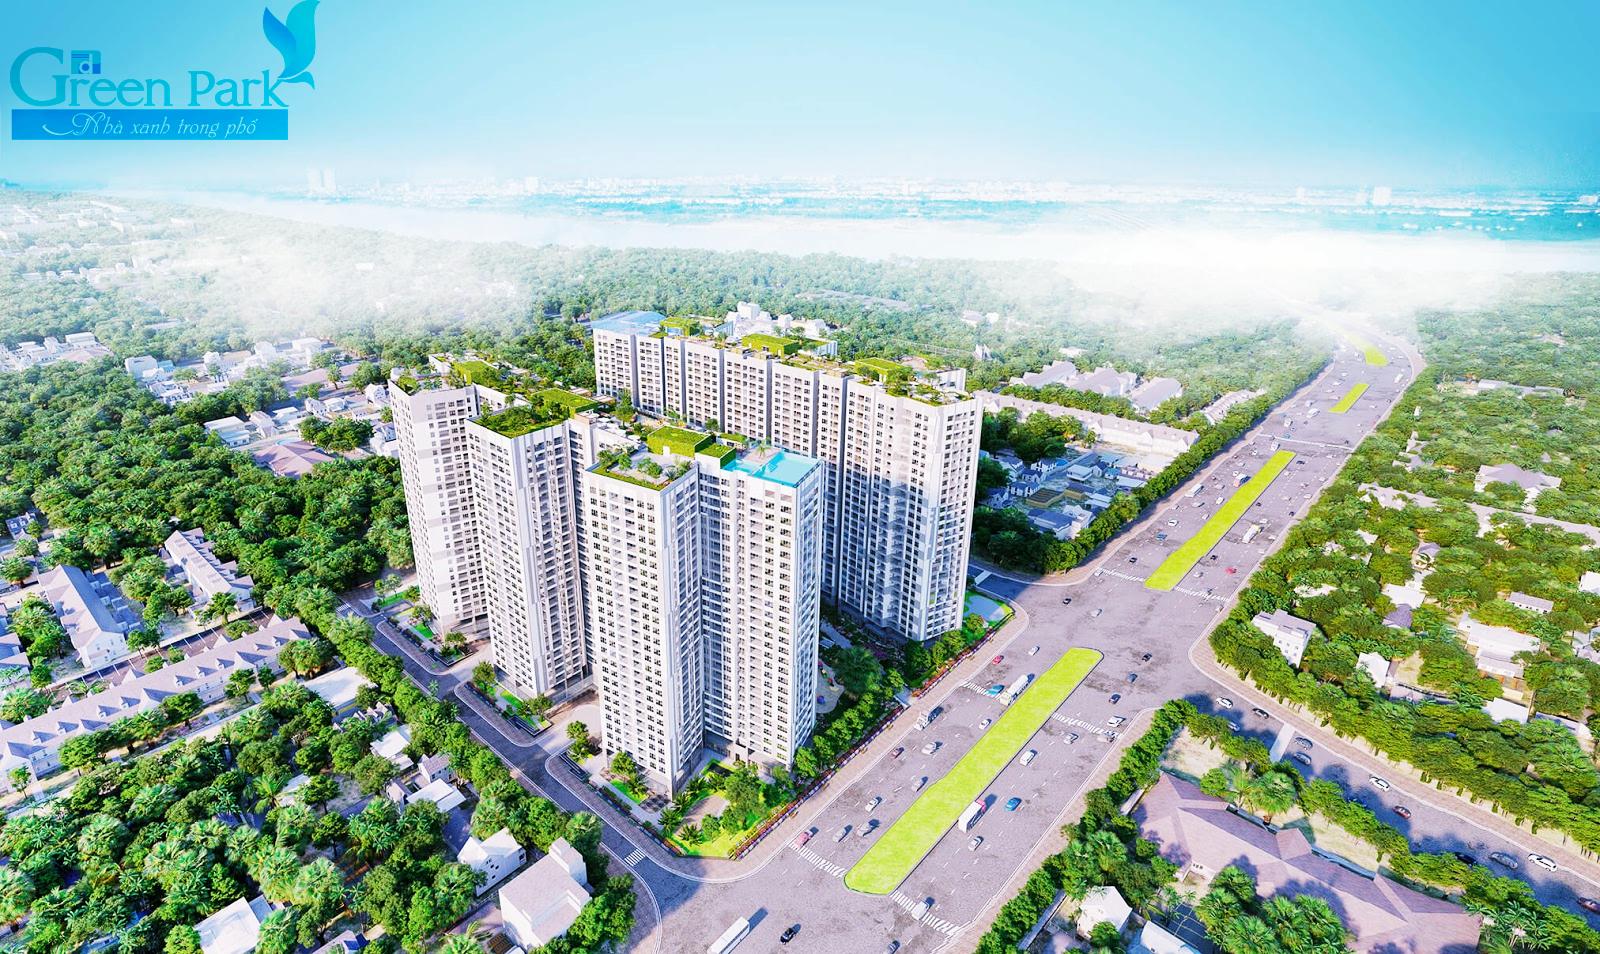 Phương Đông Green Park - siêu dự án chung cư phía Nam Hà Nội